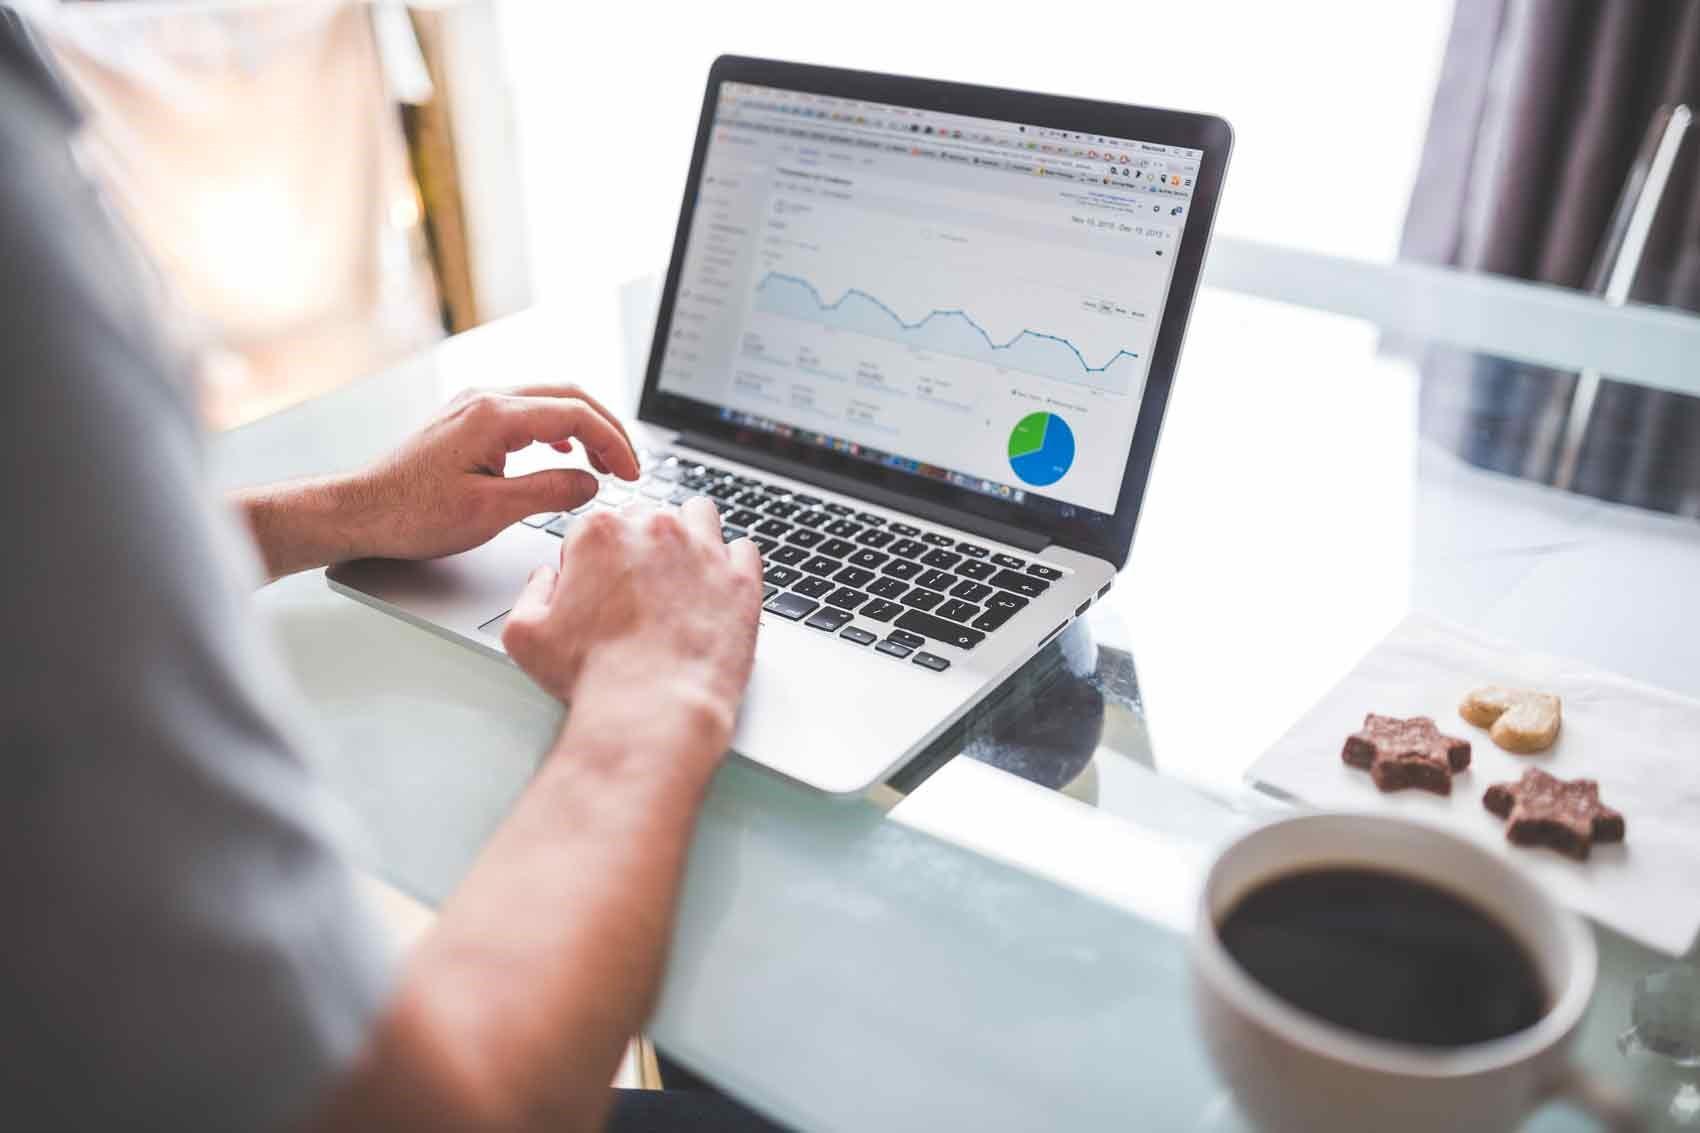 نقش تولید محتوا در دیده شدن وب سایت چیست؟